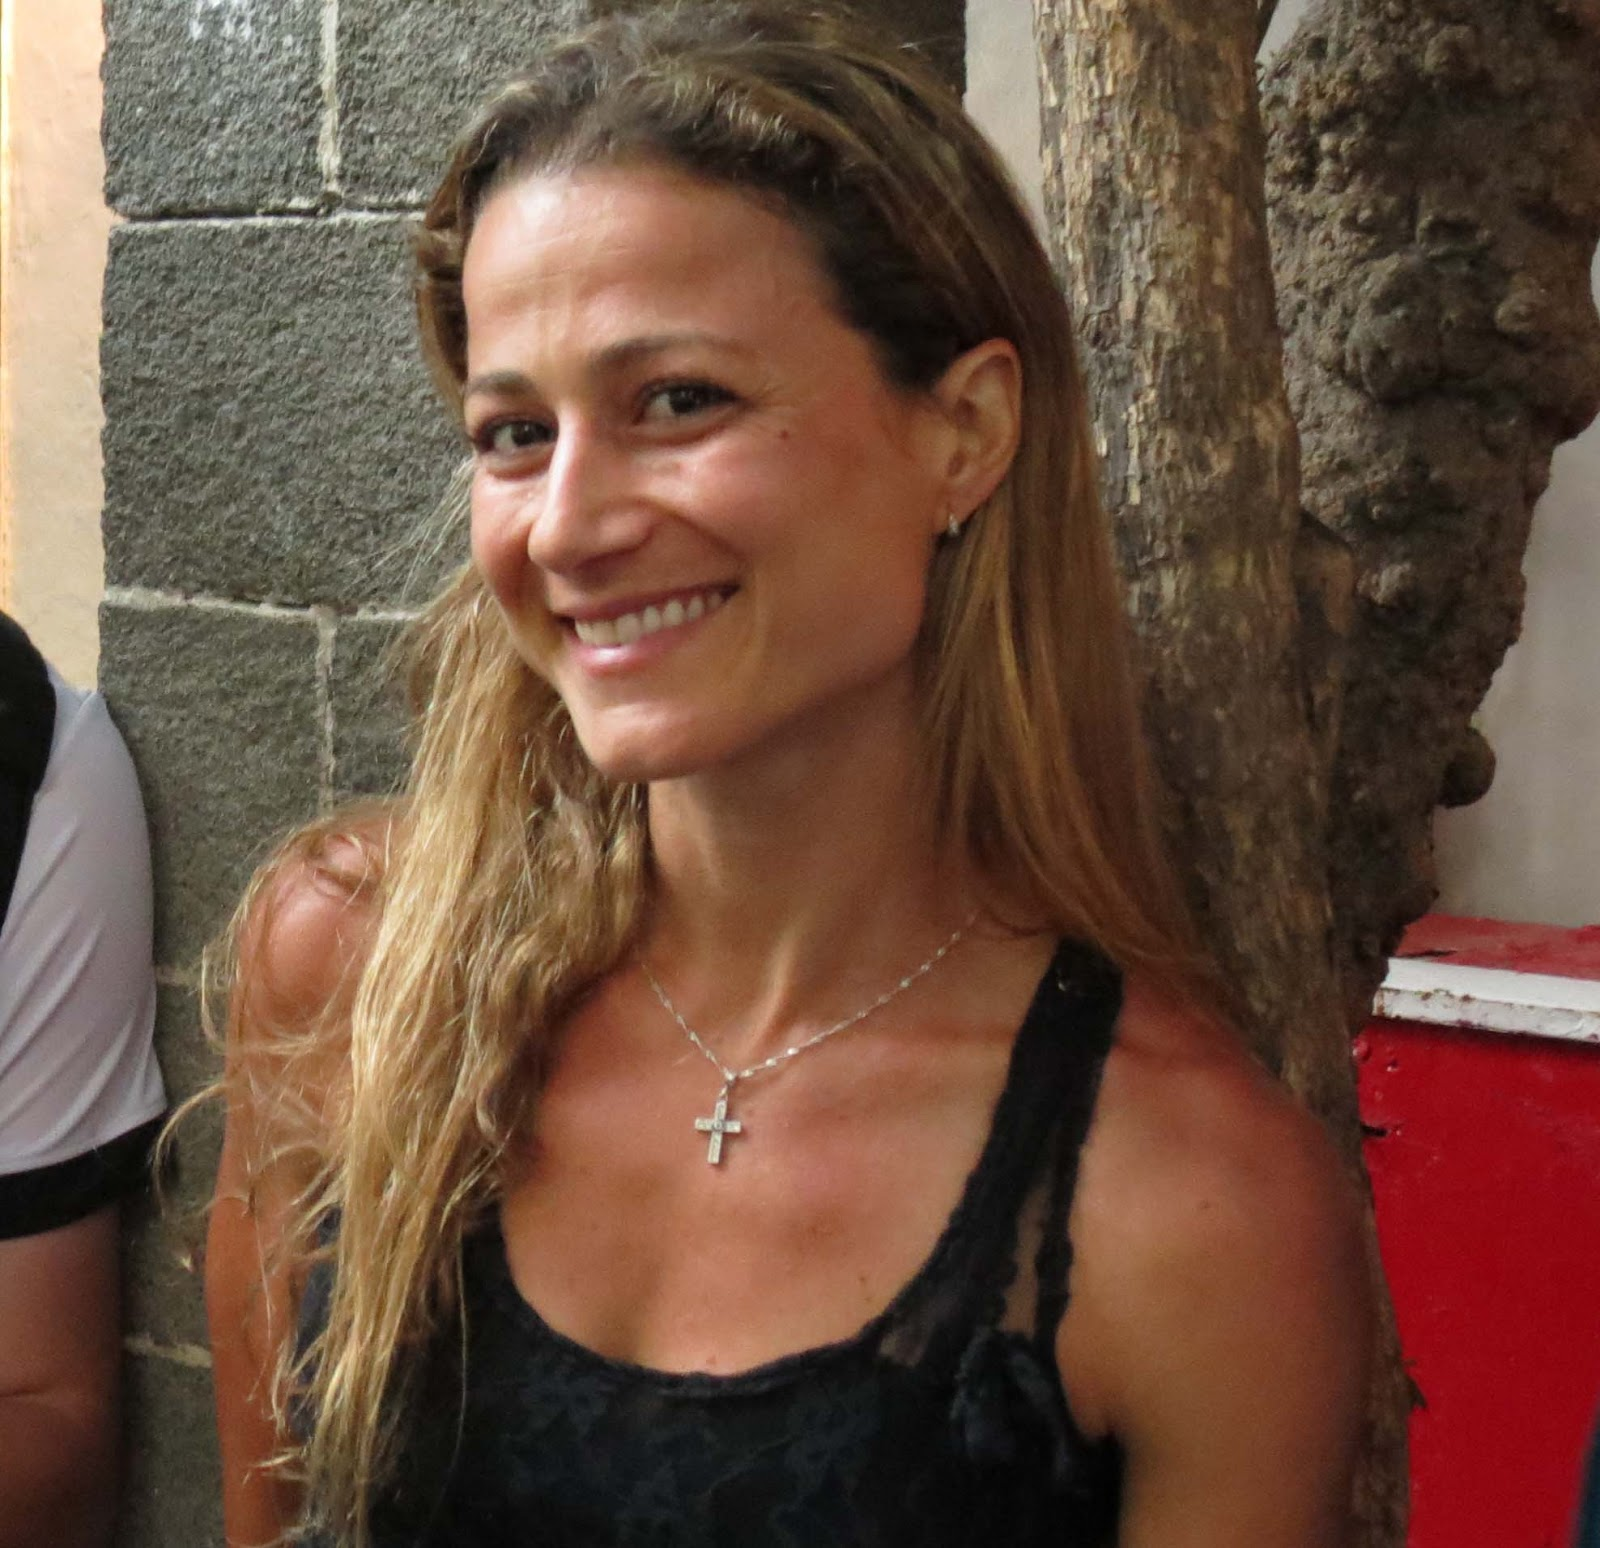 FernandaMaciel